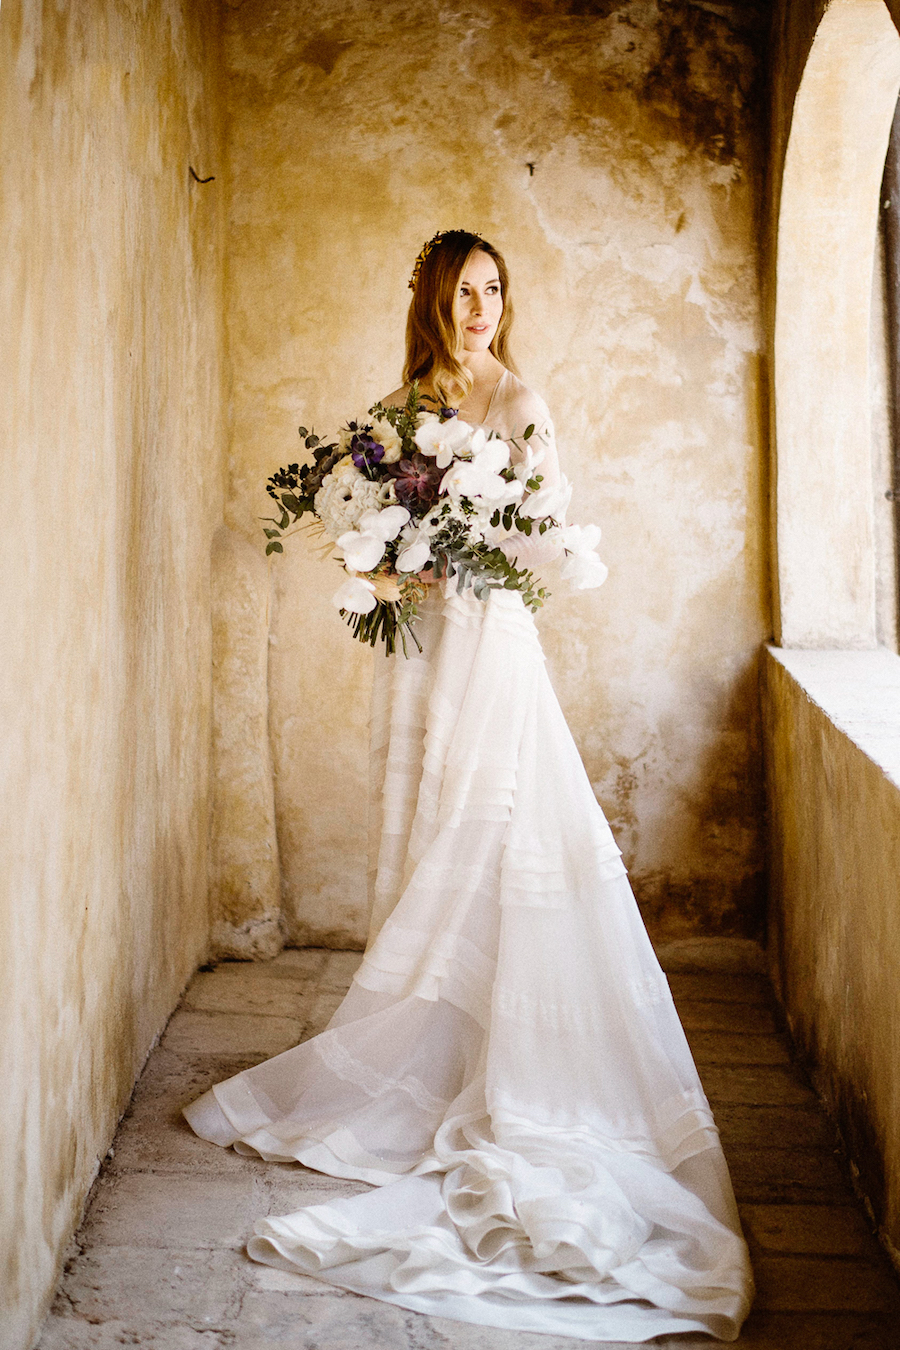 Matrimonio Rustico Romantico : Un matrimonio rustico sulle montagne abruzzesi wedding